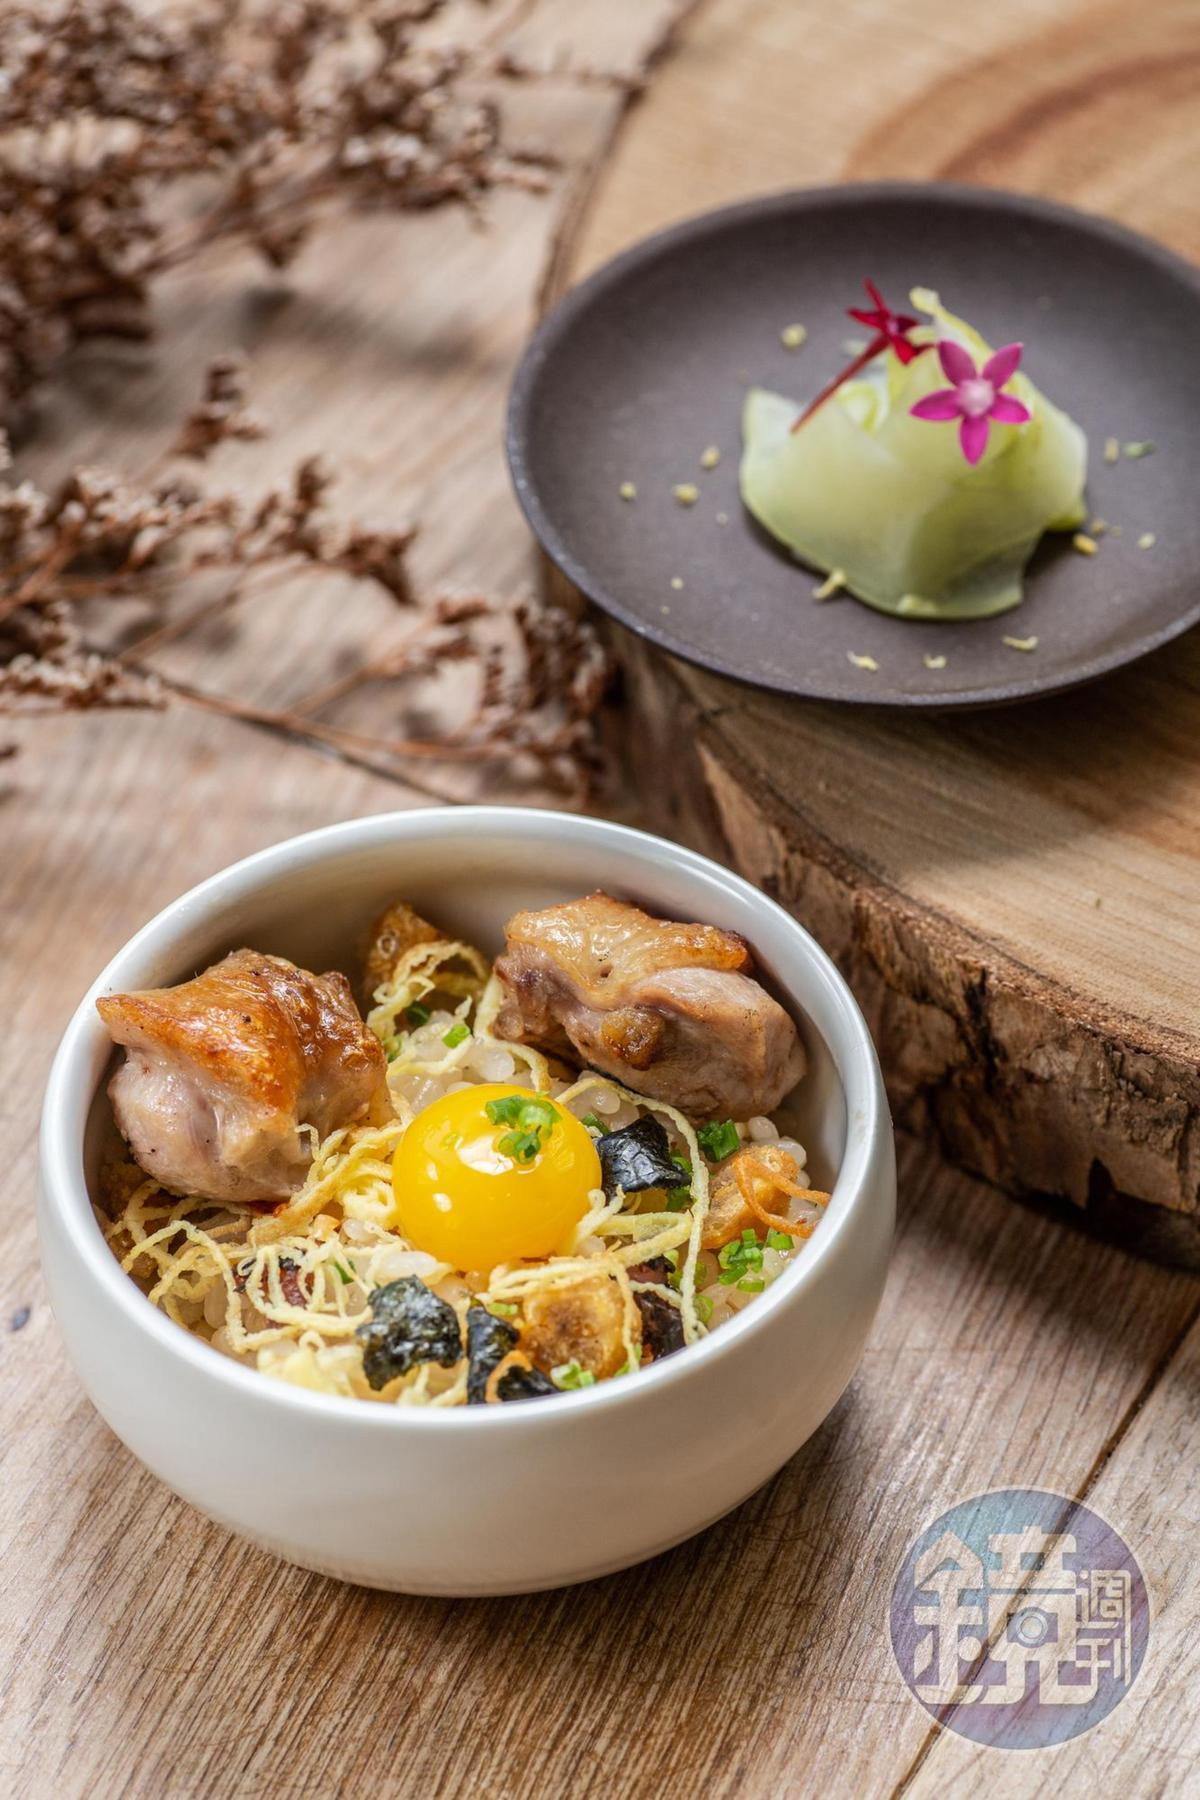 「鳥苑地雞燒」的串燒雞肉飯,炭香味勾饞意。